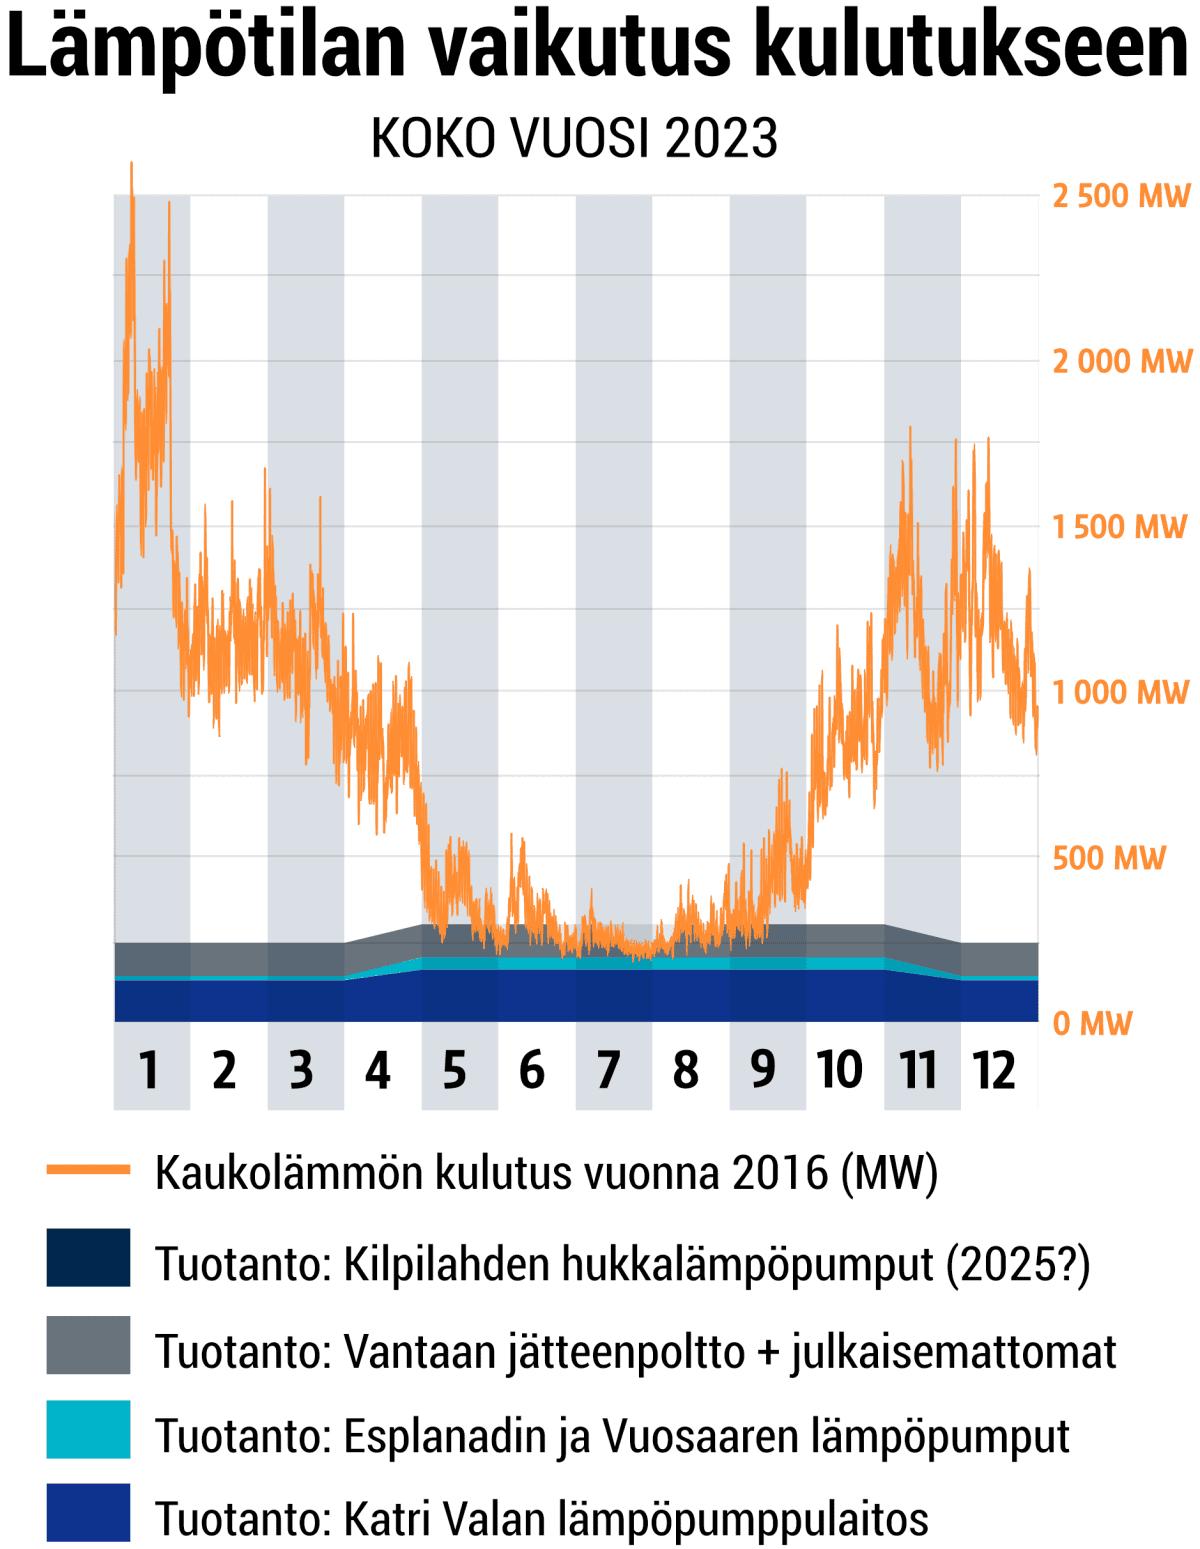 Kaukolämpöä ilman polttamista 2024 - koko vuosi.